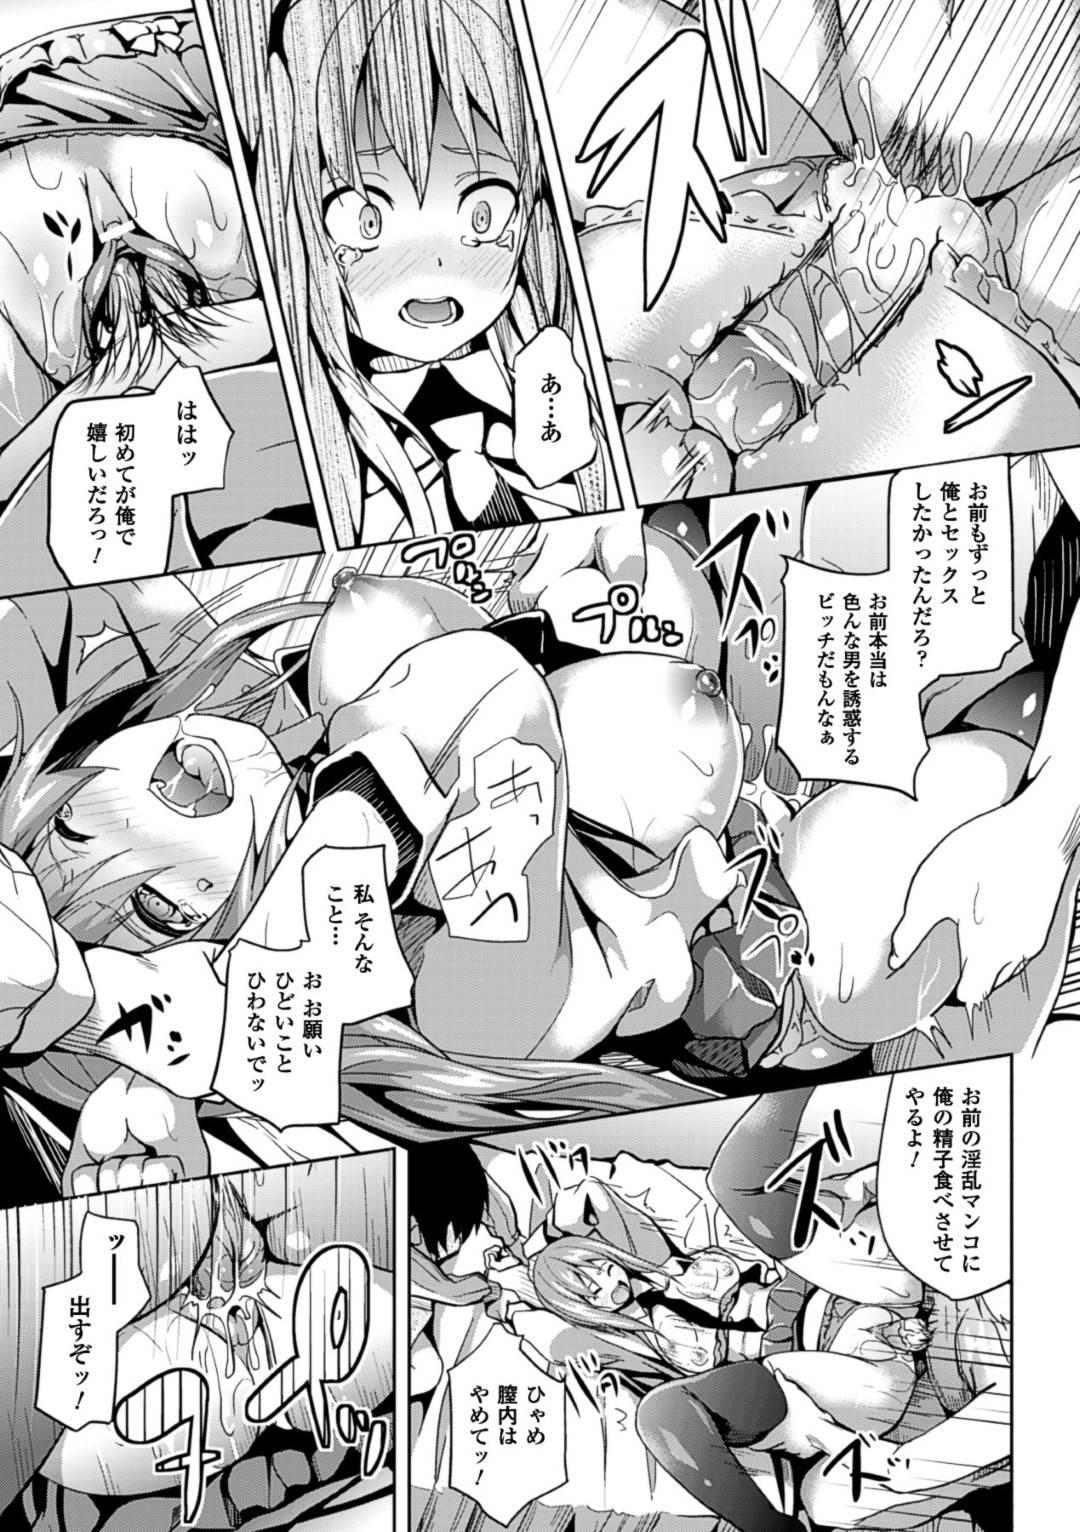 【エロ漫画】人の皮を被ってその人になりきる悪魔の力で食われたJKたち…皮を被って女のなりきって彼氏彼女の人間関係を壊して悦ぶ男はついに悪魔の力を復活させてしまい、女の姿のまま悪魔にレイプされる【DATE:ディープストーカー 後編】